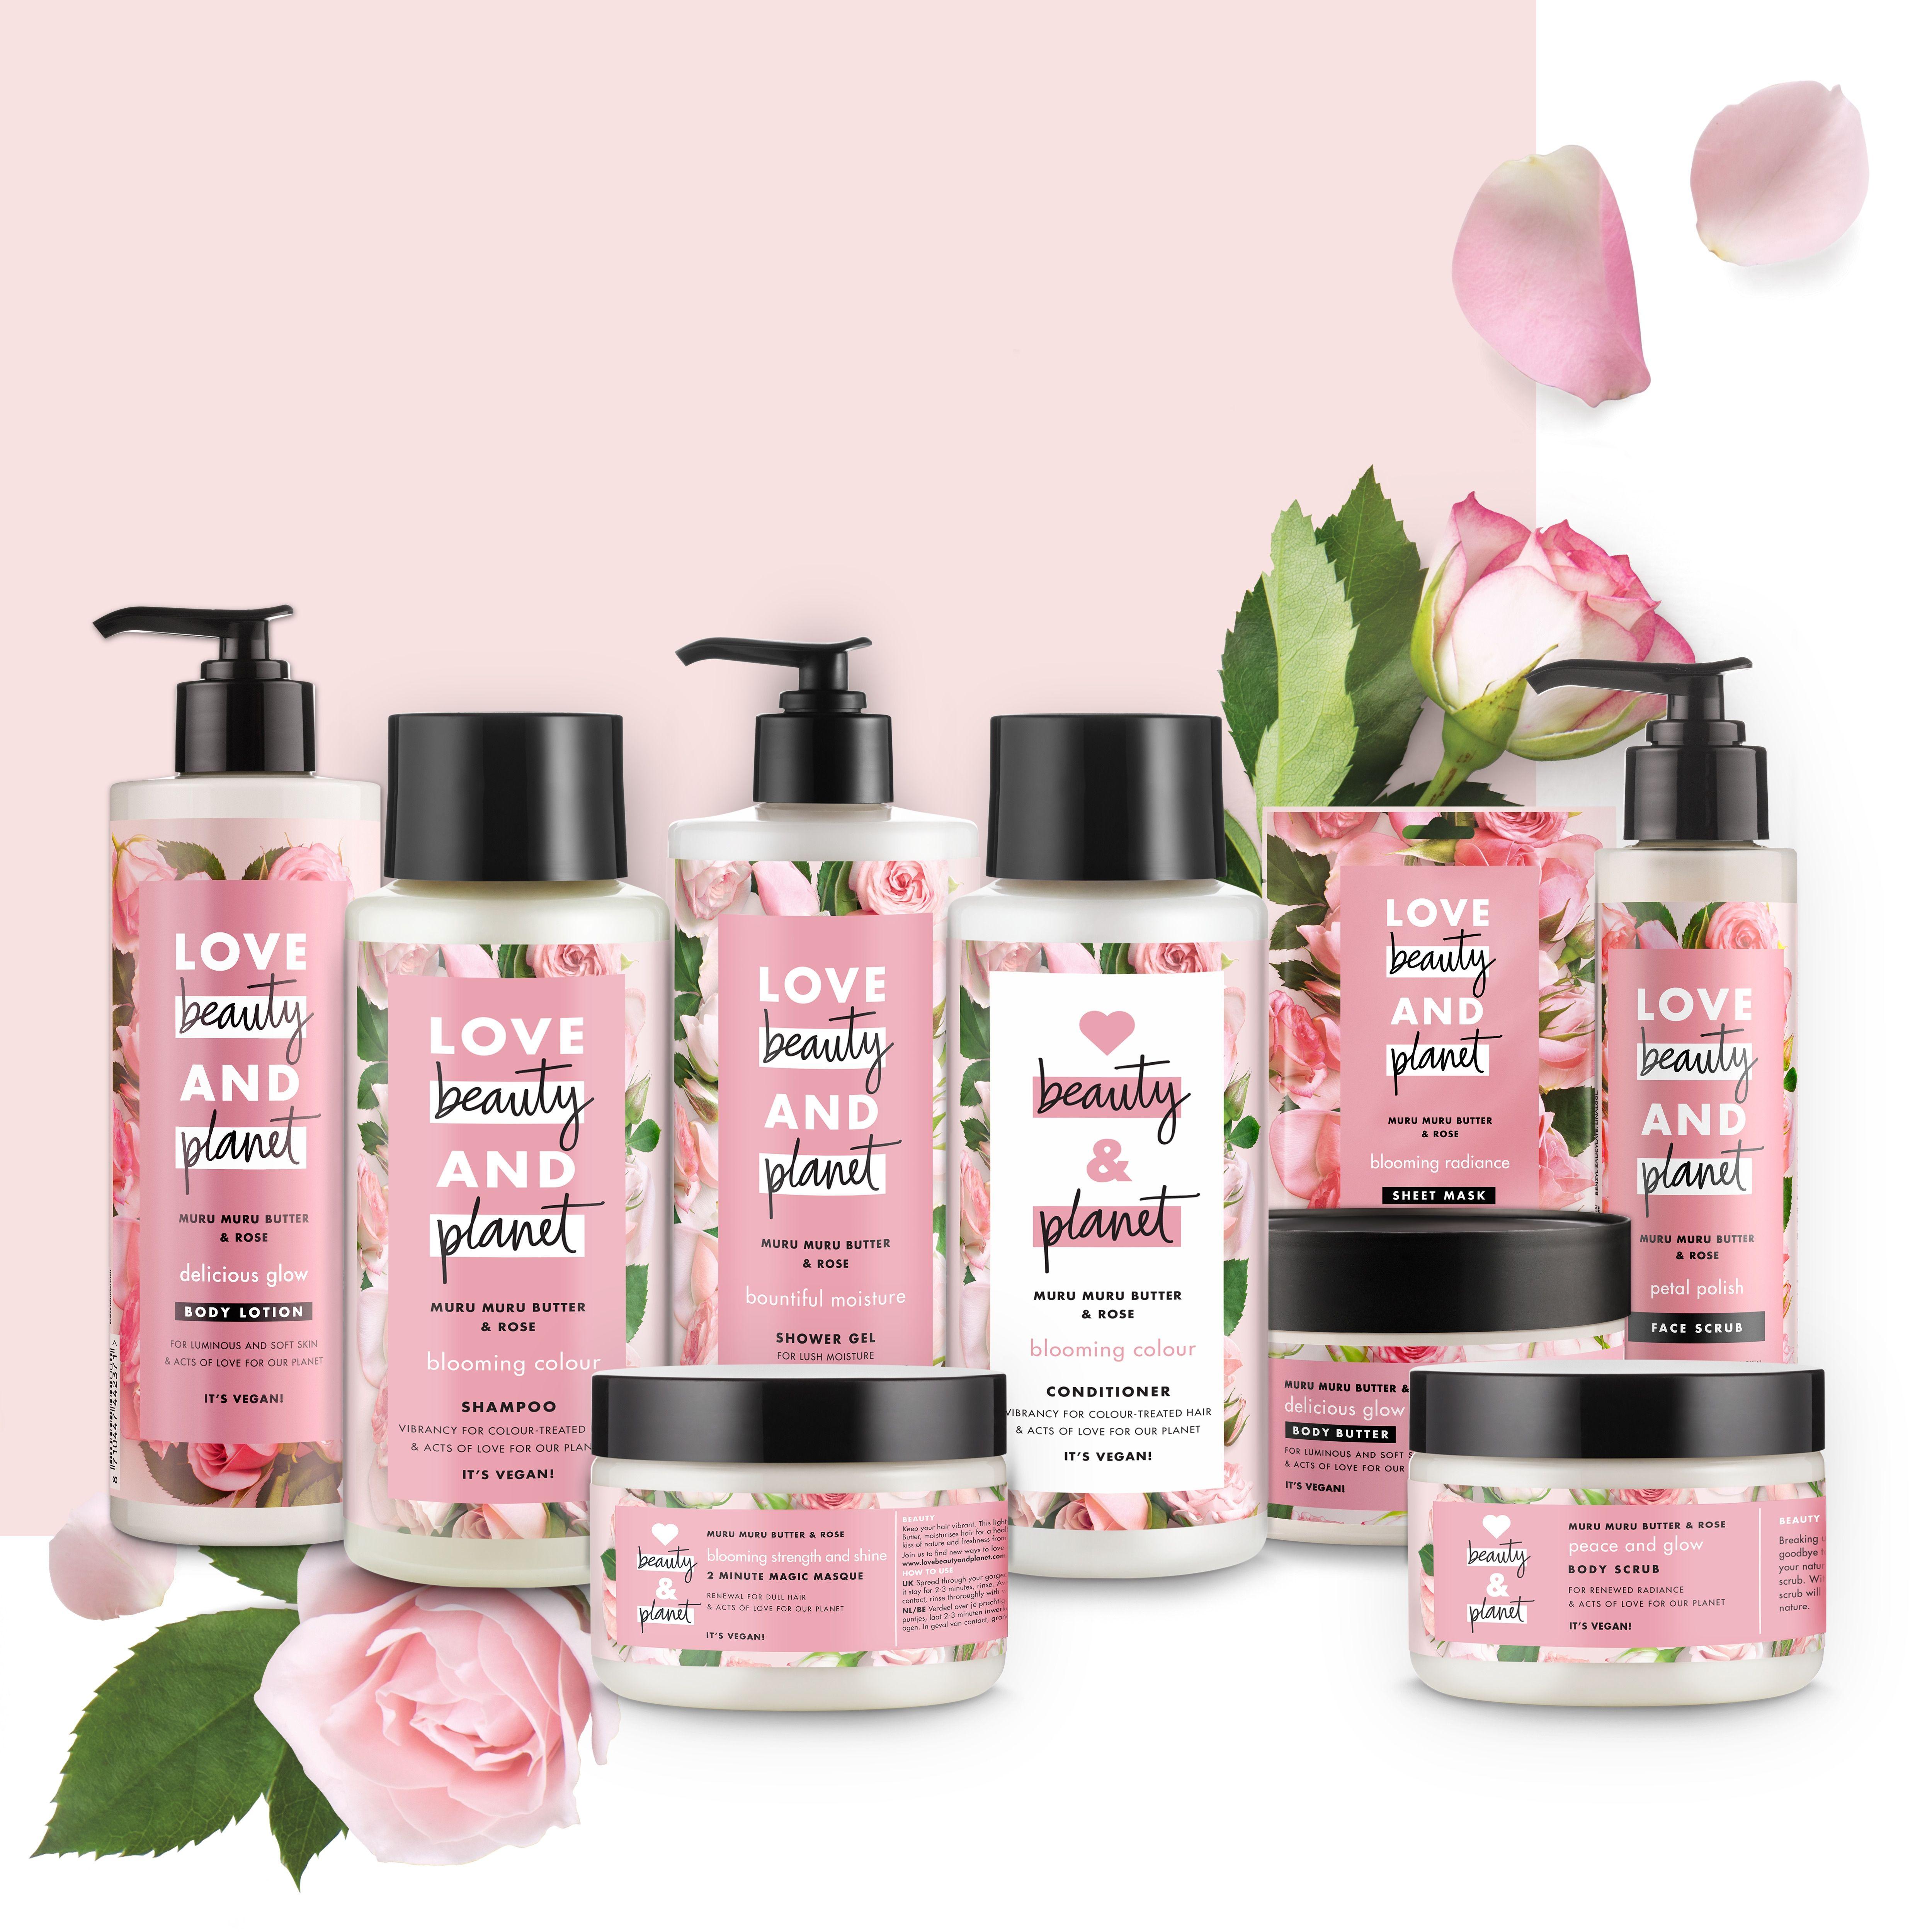 Murumuru Butter Murumuru Murumuru Shampoo Rose Hair Camille Rose Hair Products Rose Shampoo Rose Oil For Hair Bleac Rose Shampoo Rose Scented Products Rose Oil